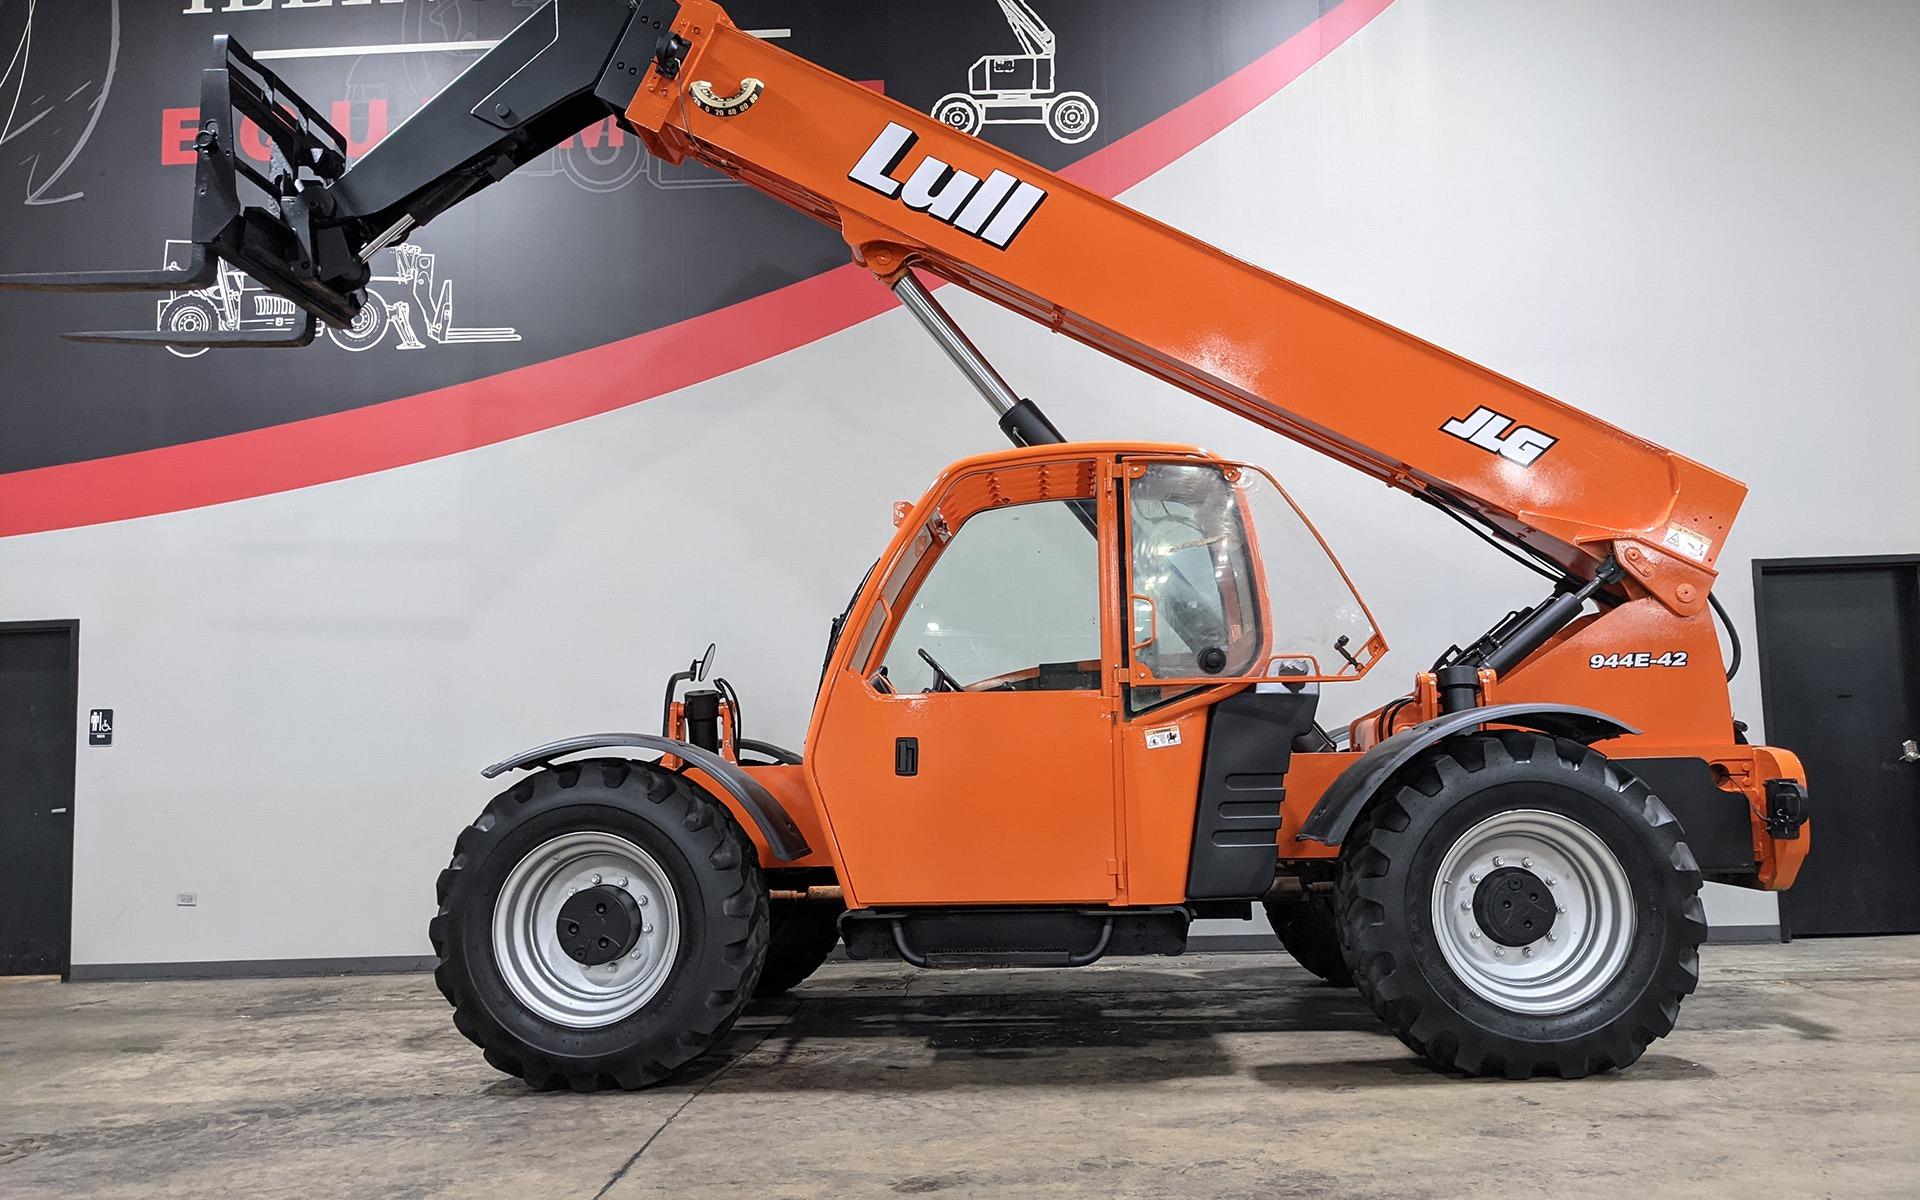 Used 2005 LULL 944E-42  | Cary, IL